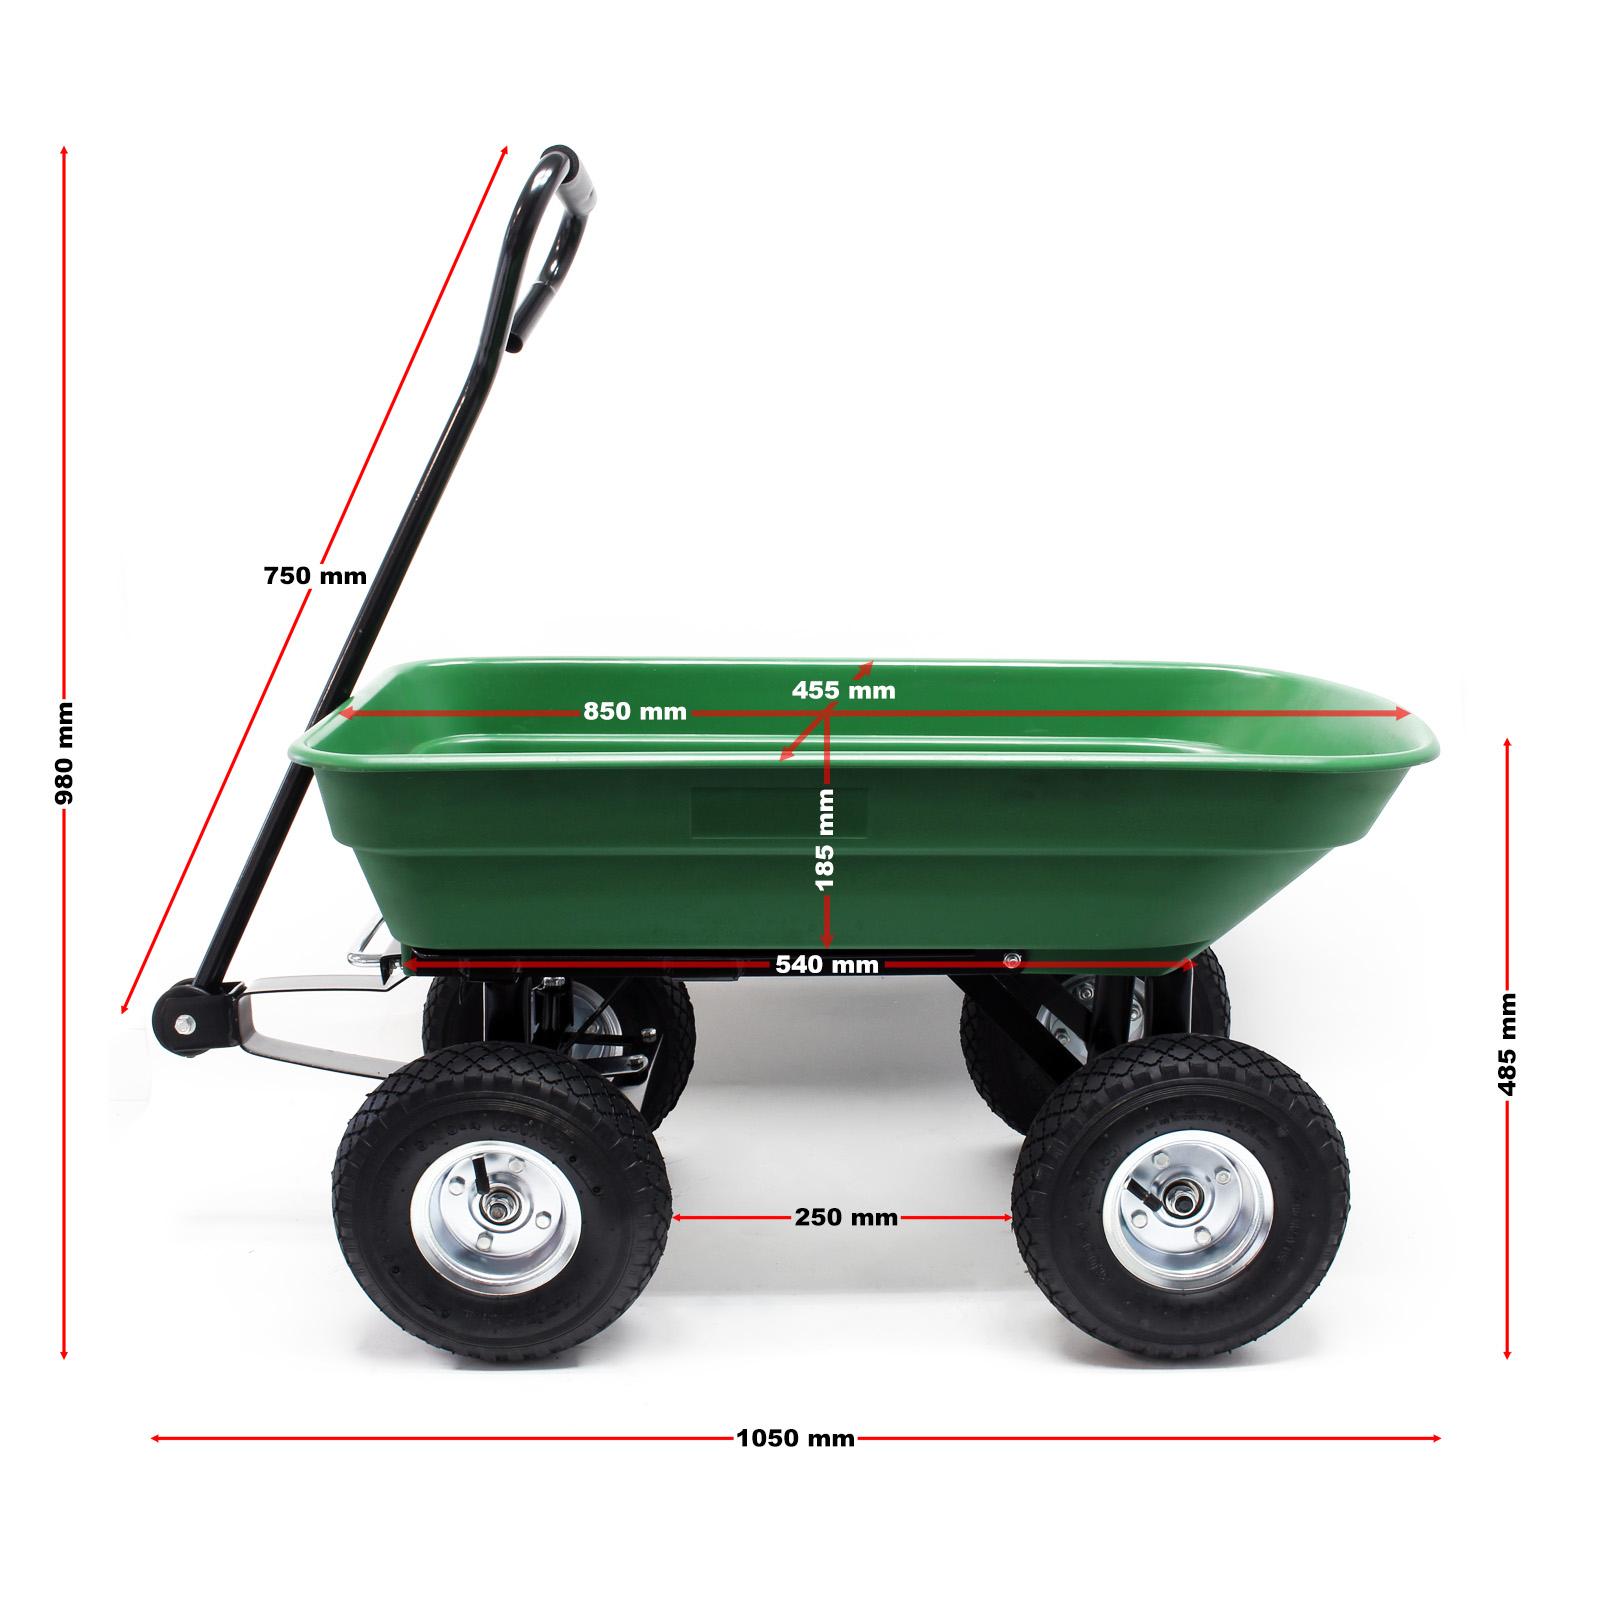 Détails Sur Chariot De Jardin À Main 55L Capacité 200Kg Benne Basculante  Remorque Brouette avec Chariot Remorque Jardin